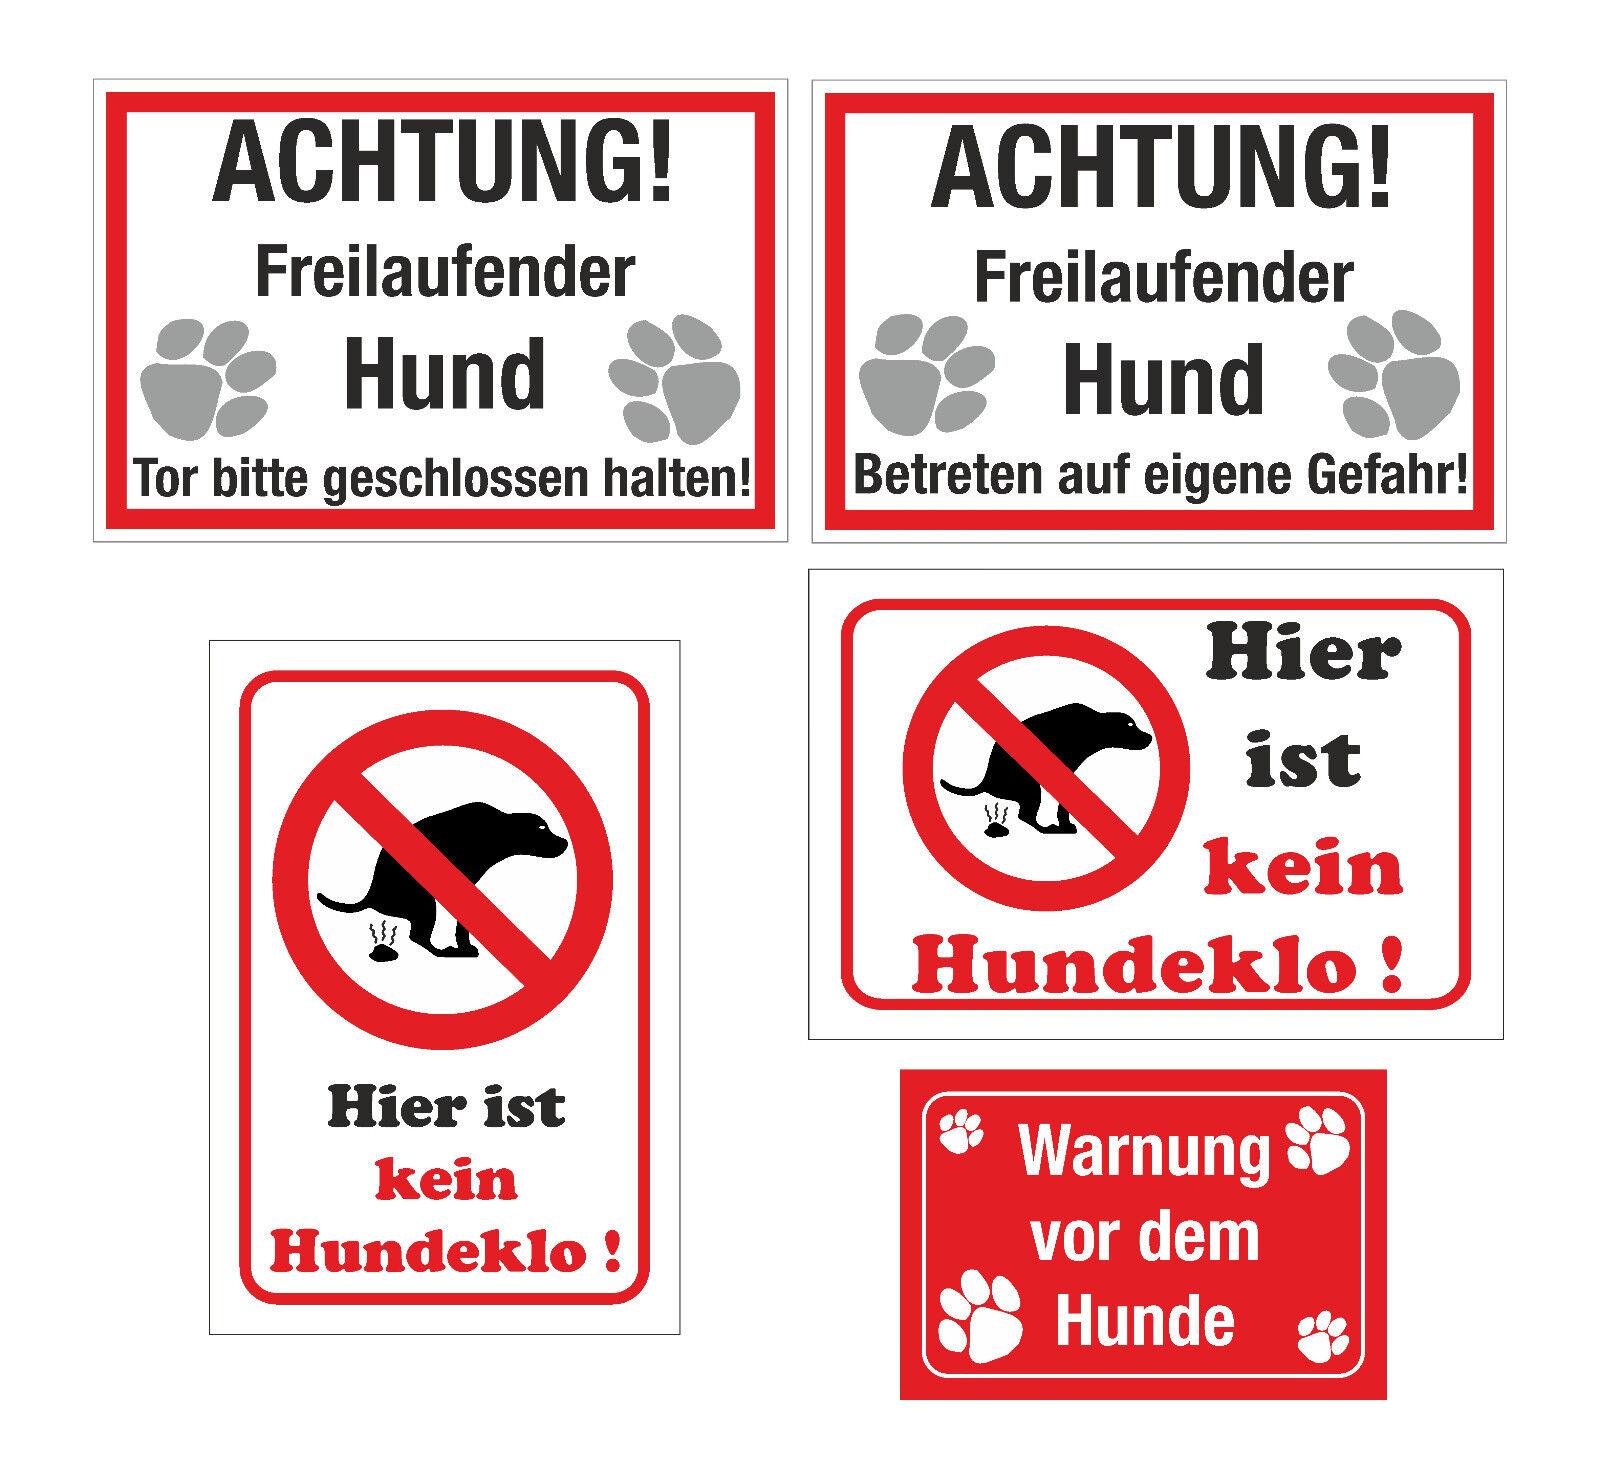 Achtung Hund kein Hundeklo Schild 20x30cm Hinweisschild Hundeschild Warnschild